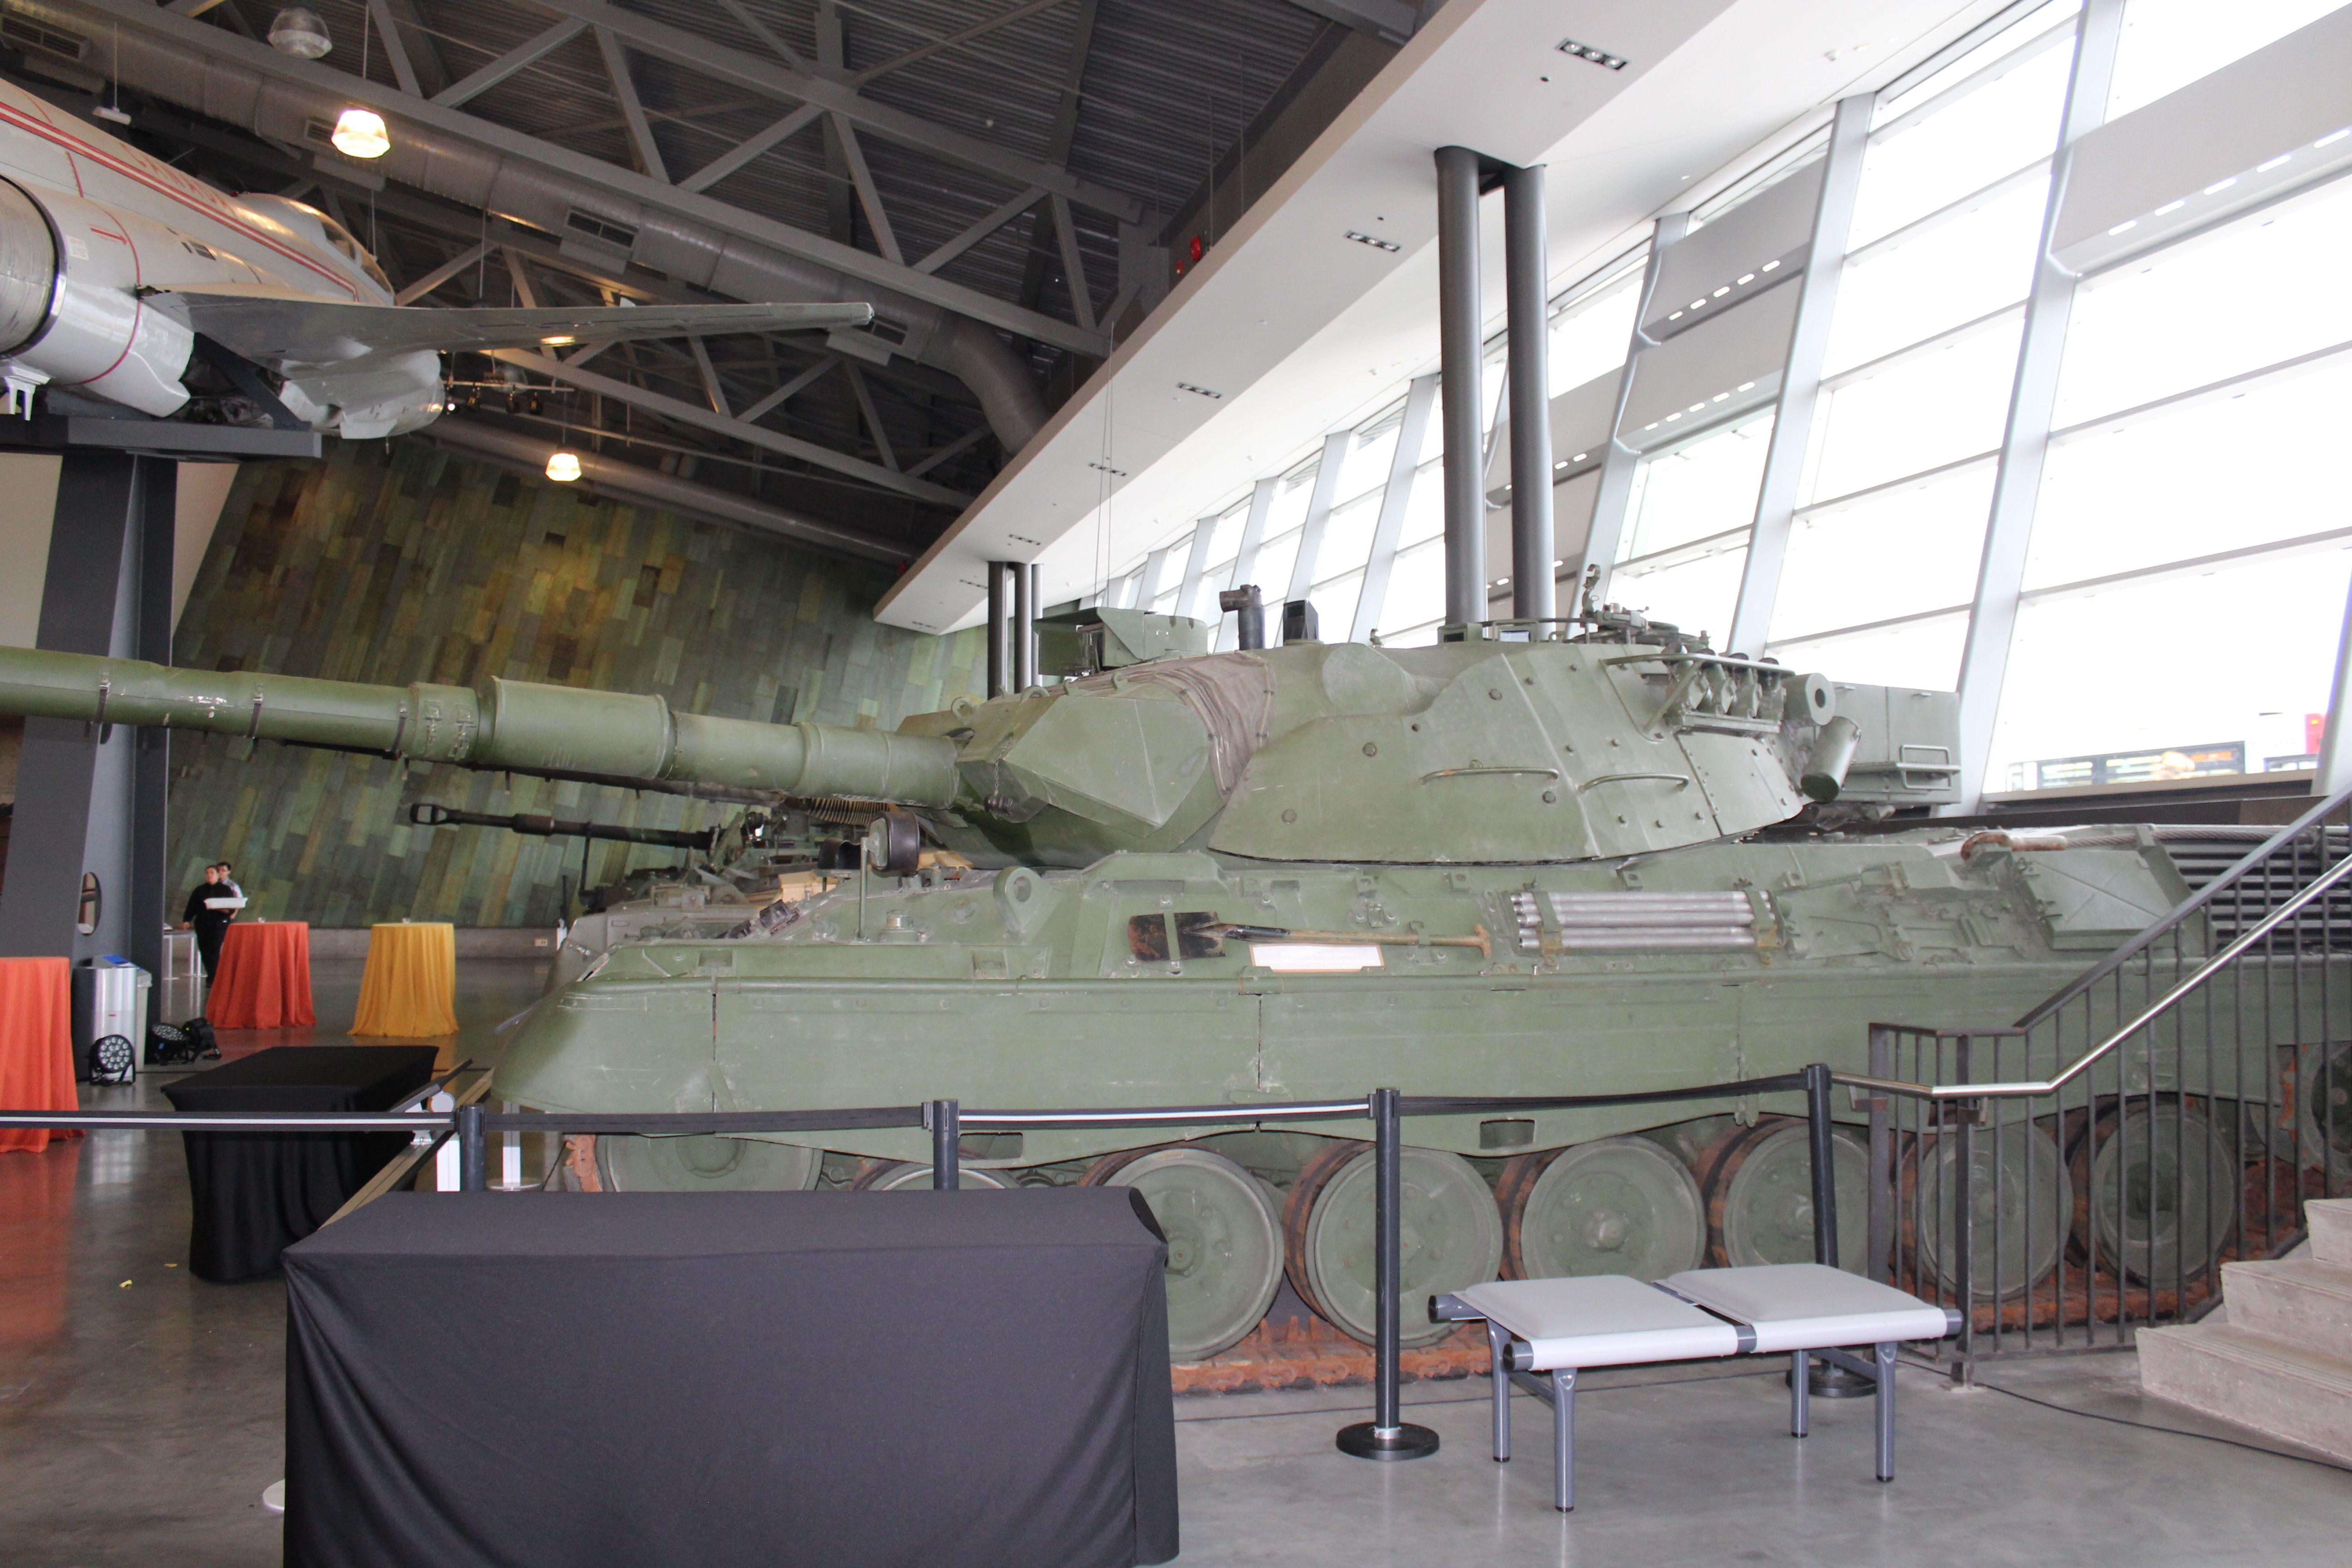 Canadian Leopard One Main Battle Tank...